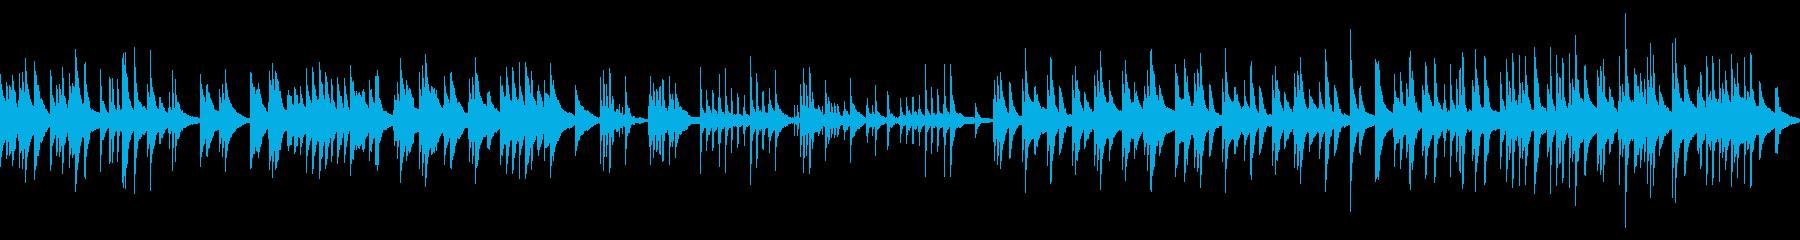 切ないピアノソロ単音結婚式感謝の手紙の再生済みの波形